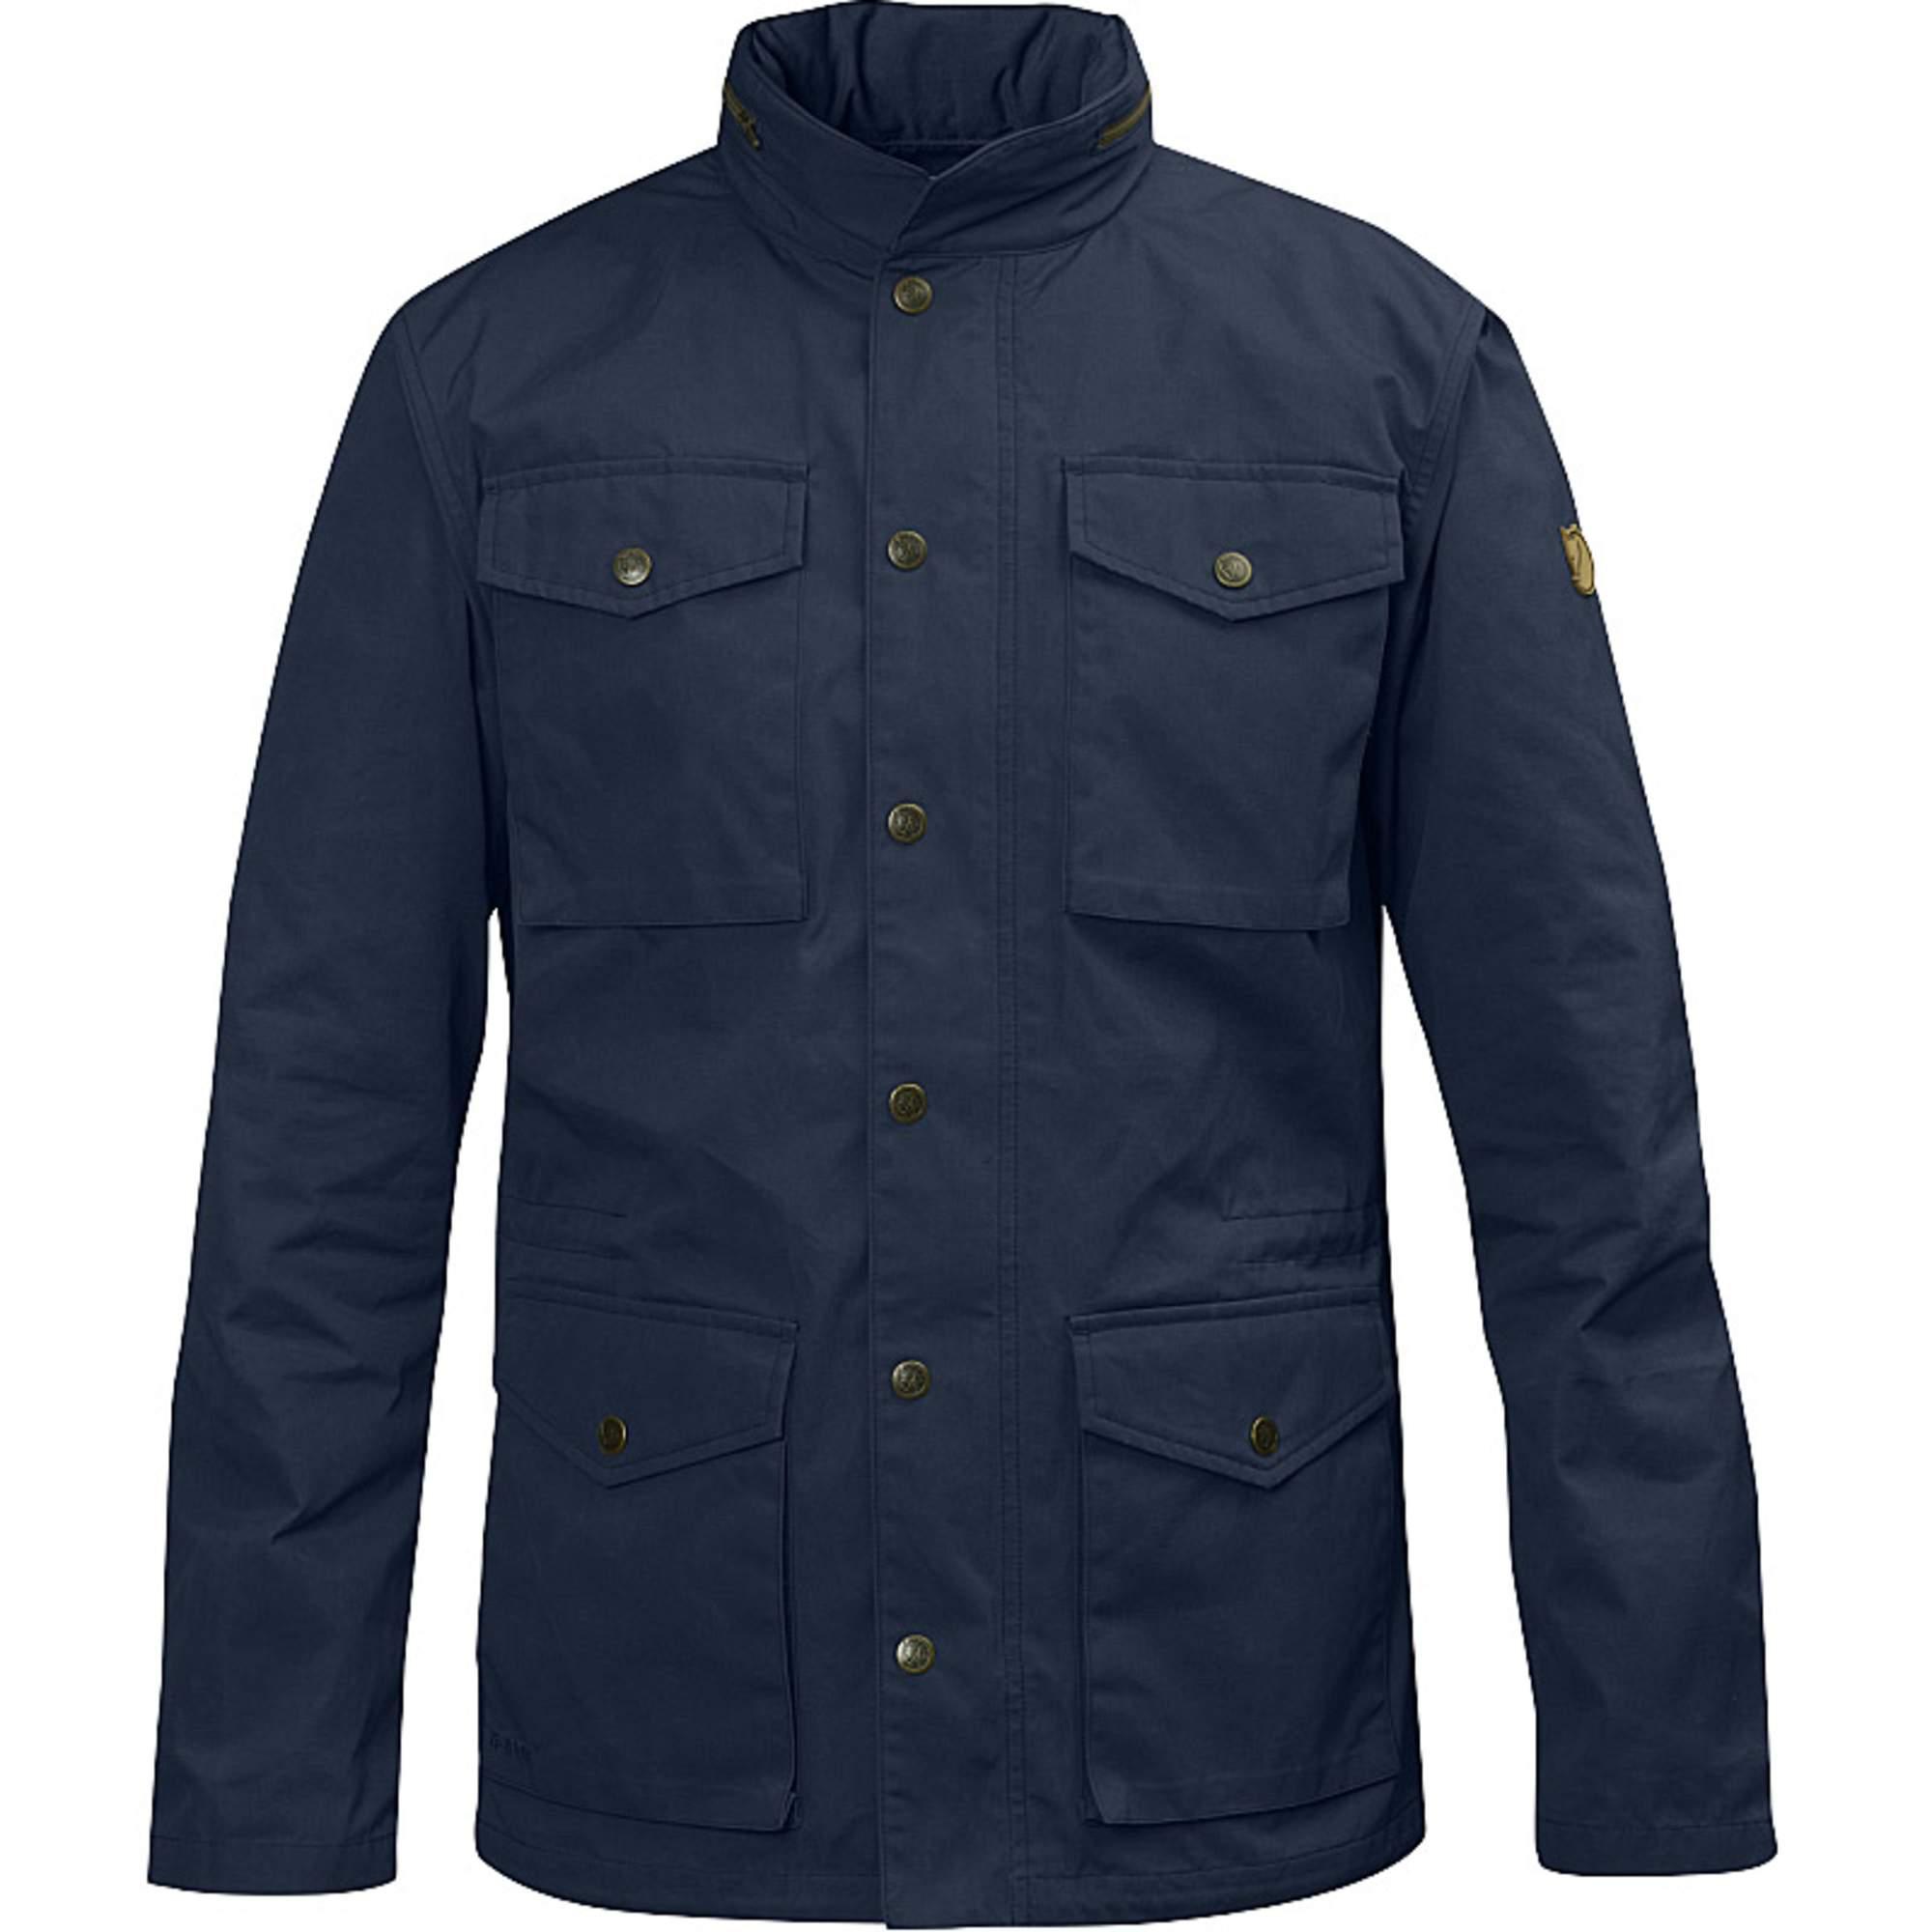 Fjällräven Räven Jacket Männer Gr. S - Übergangsjacke - blau 82422 555